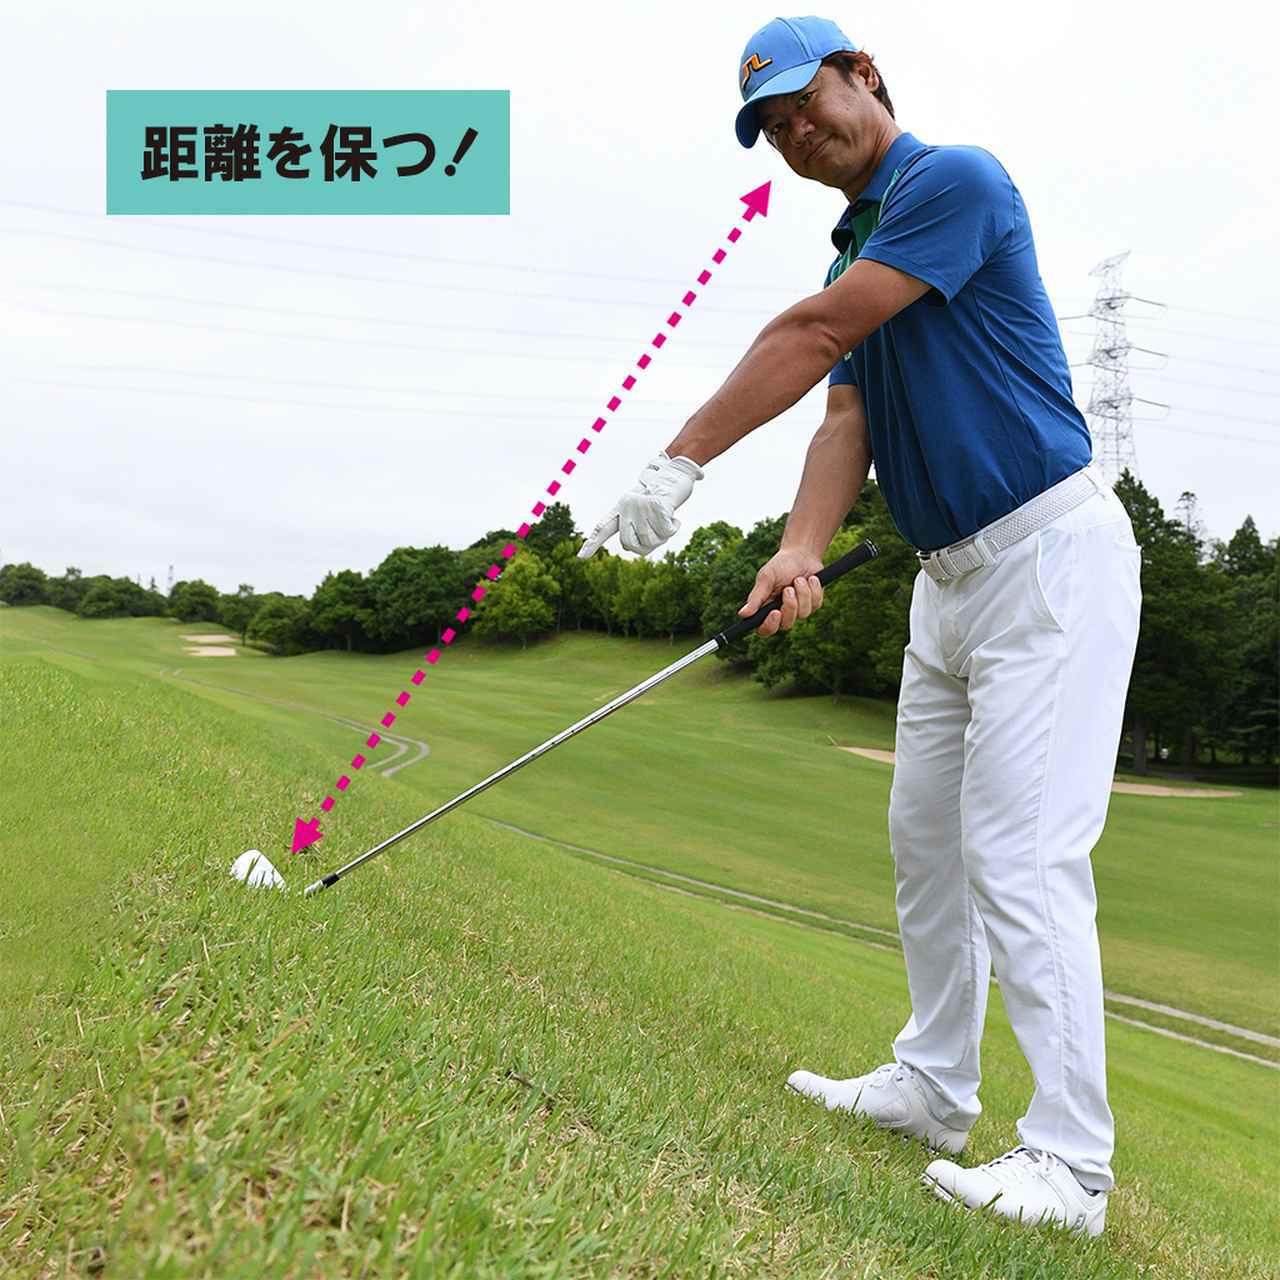 画像2: 斜度30度の攻略のポイント